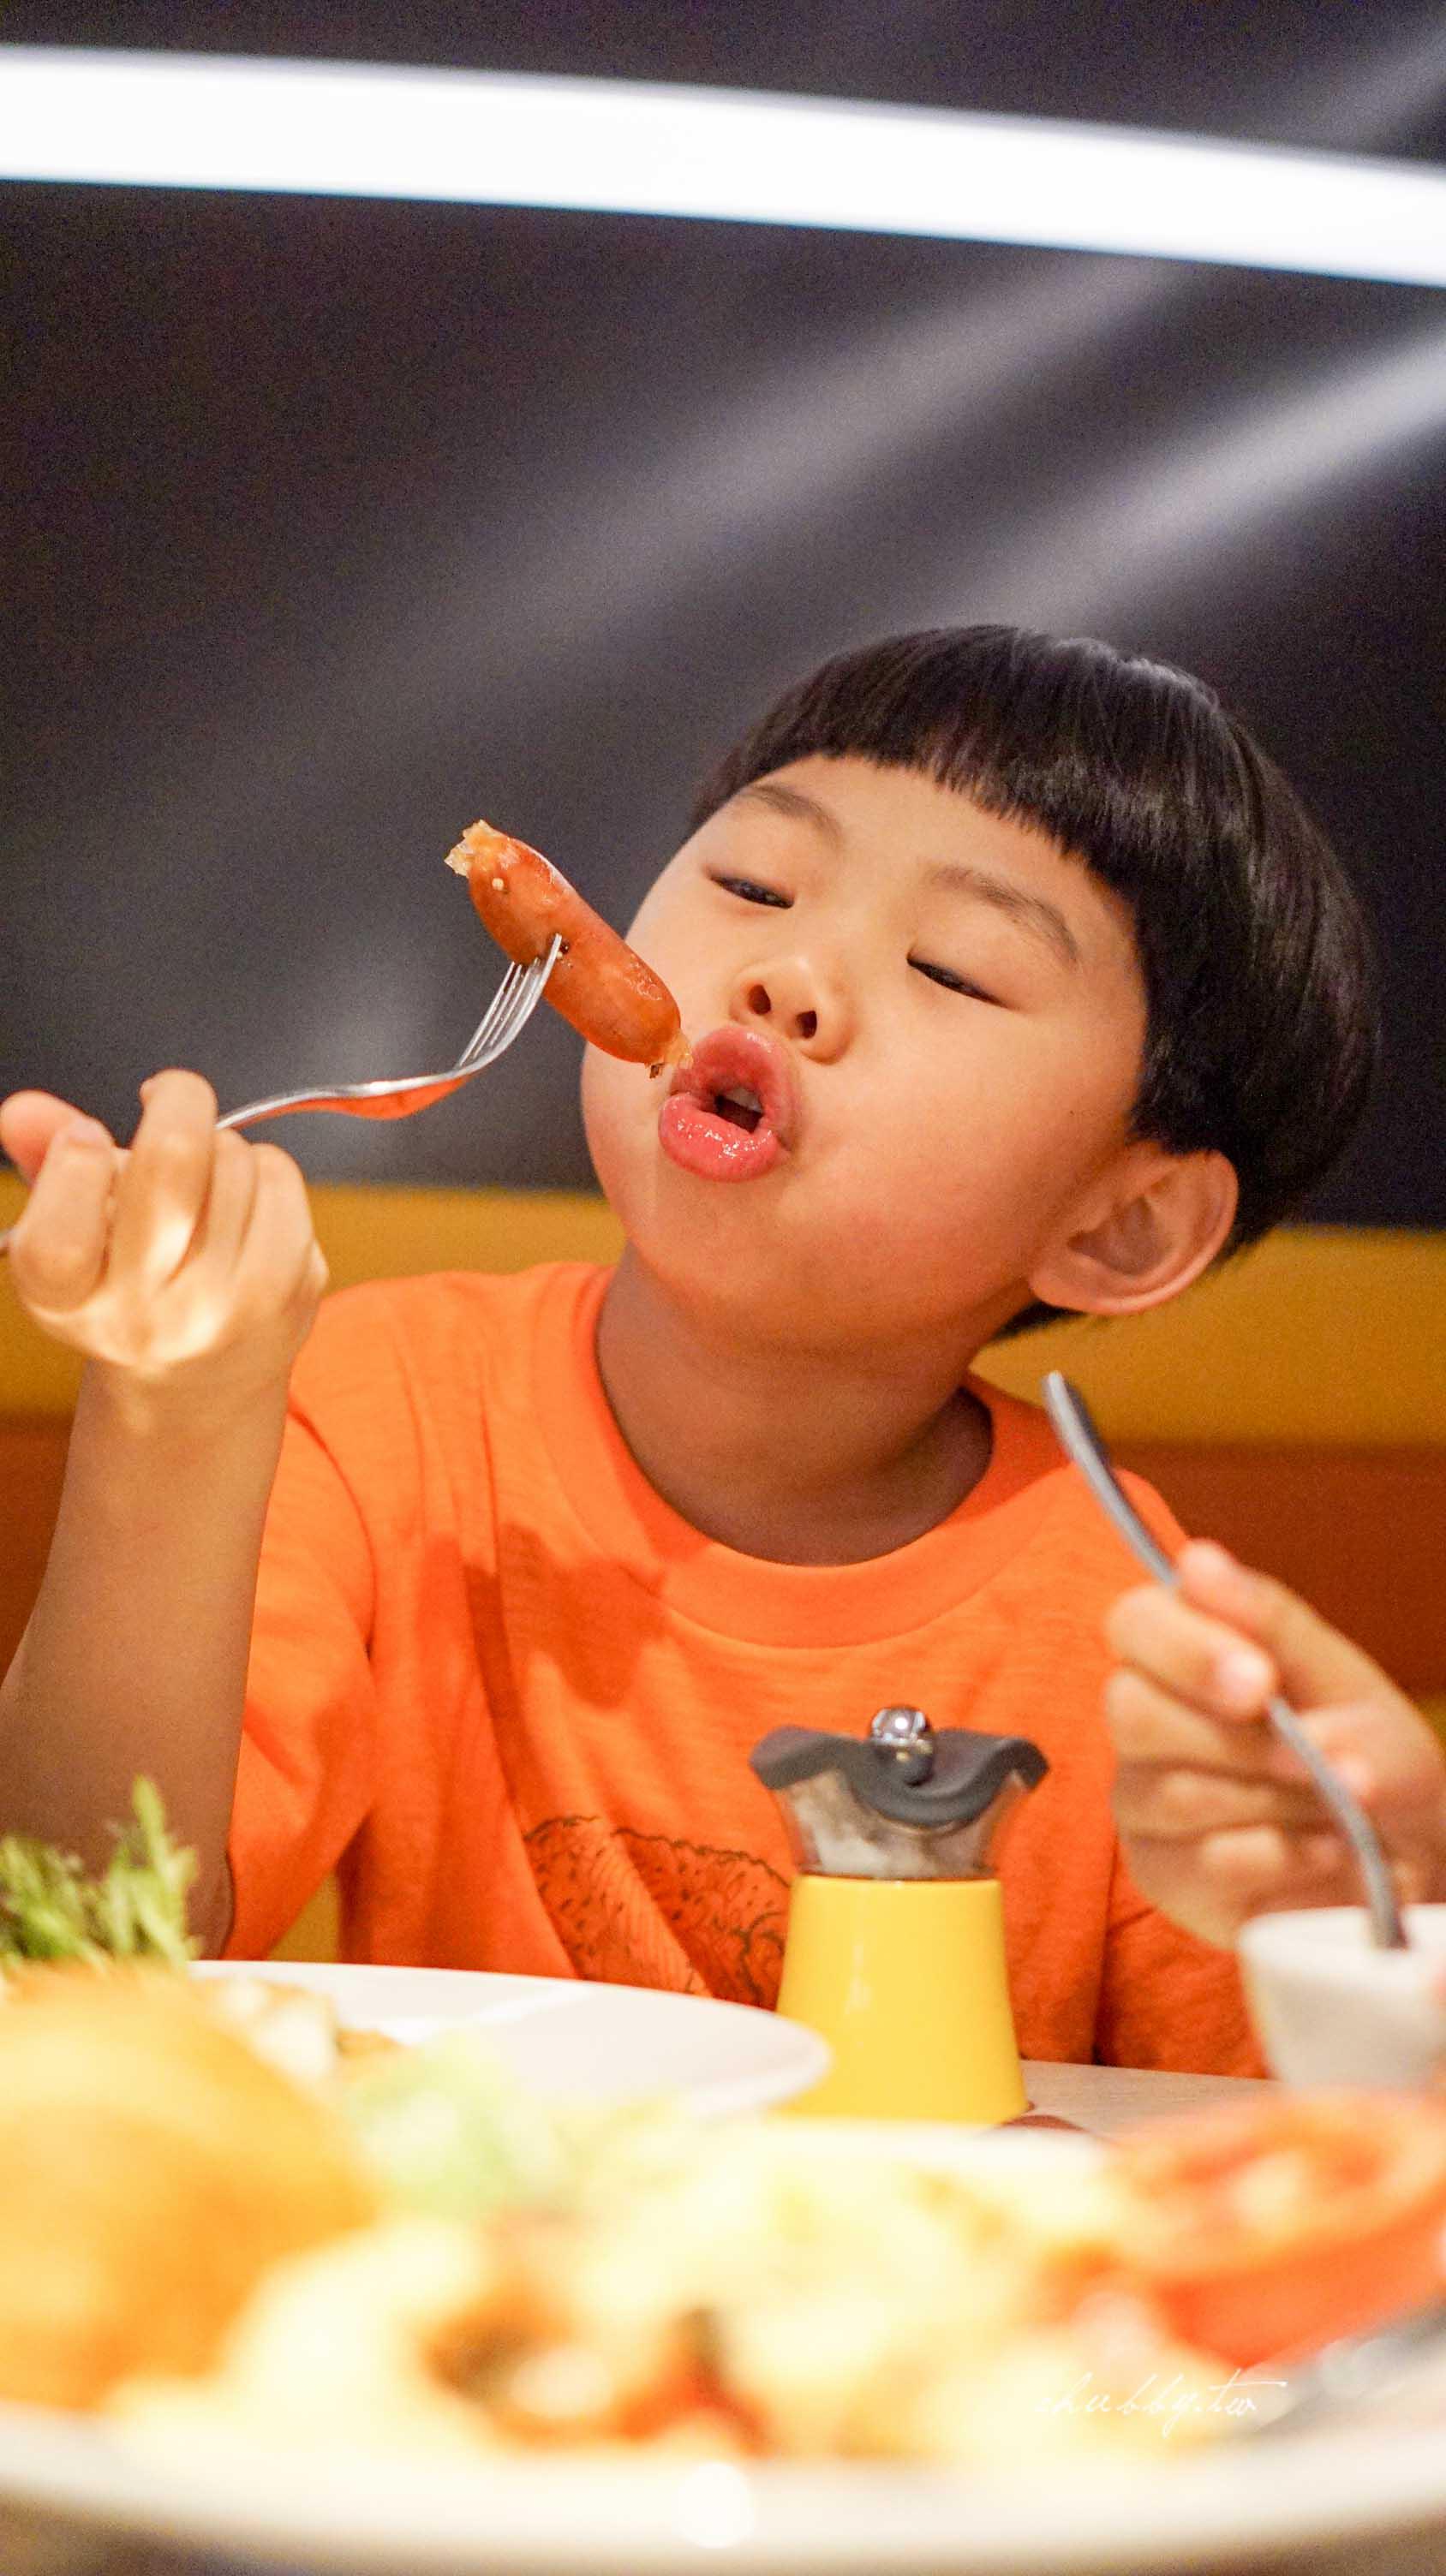 城市裡的城堡。Aloft Taipei Beitou 台北北投雅樂軒酒店:讓城堡滿足小孩的夢想吧!